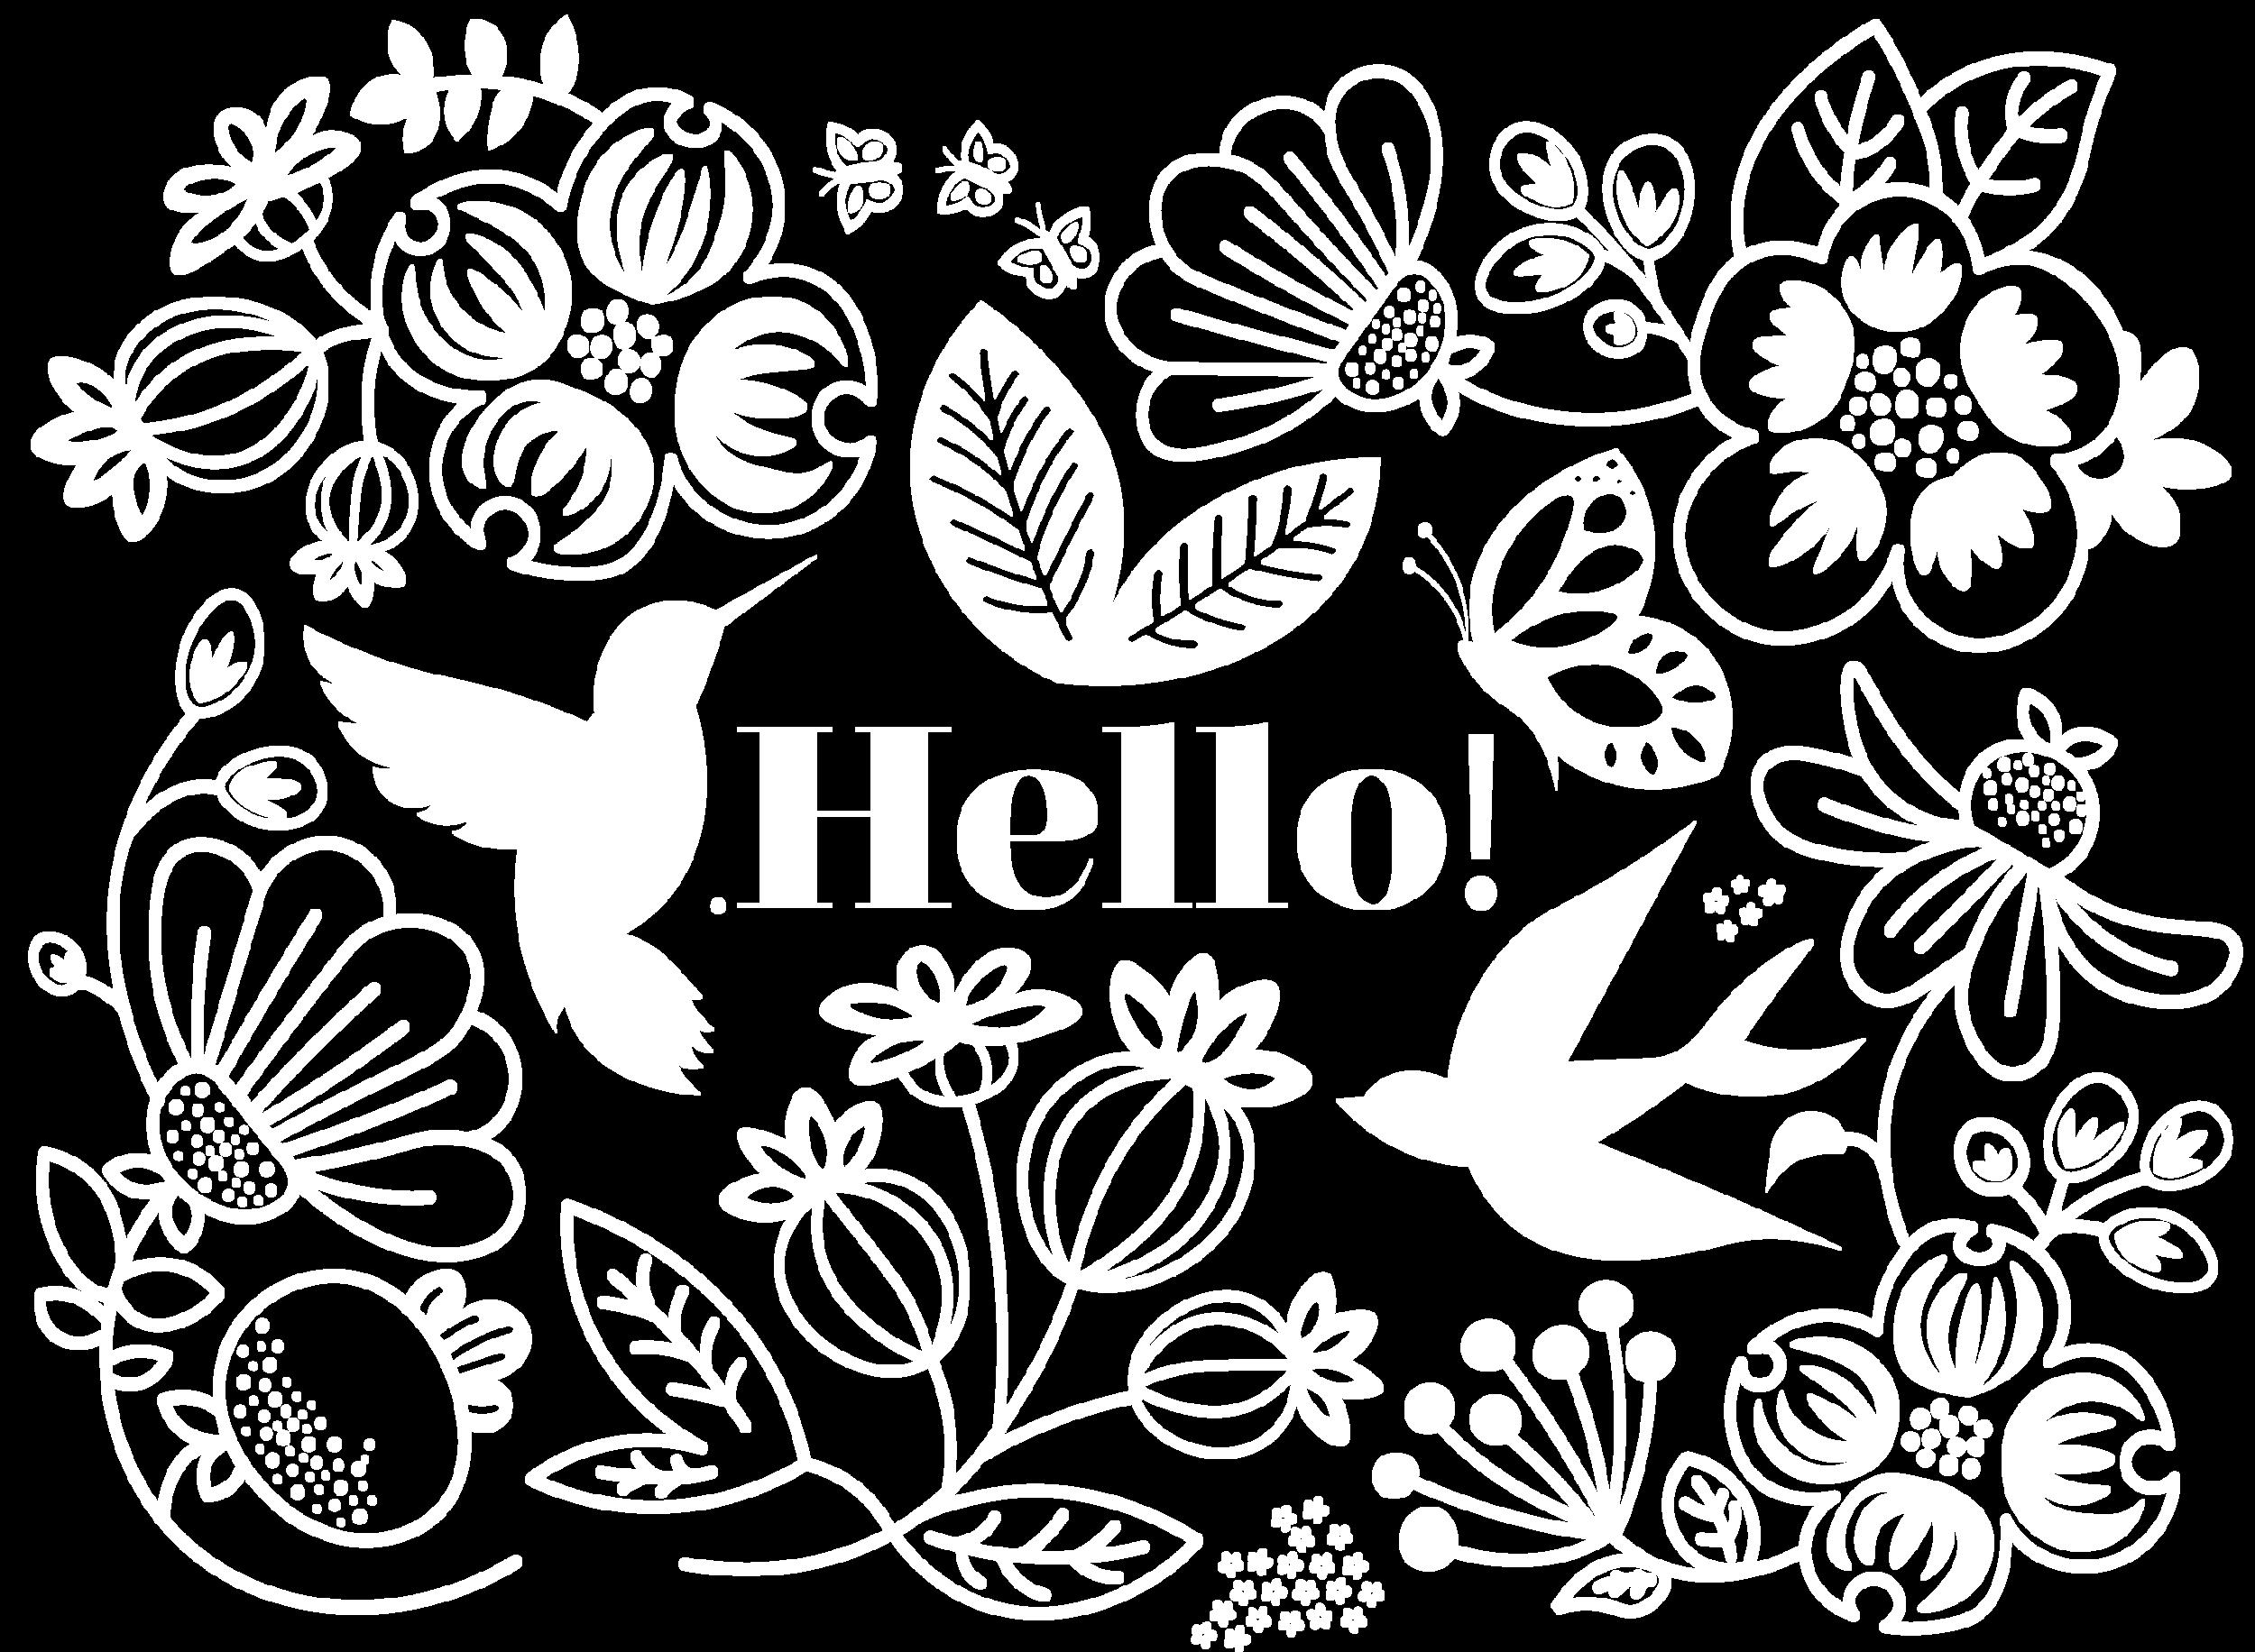 helloello-03.png